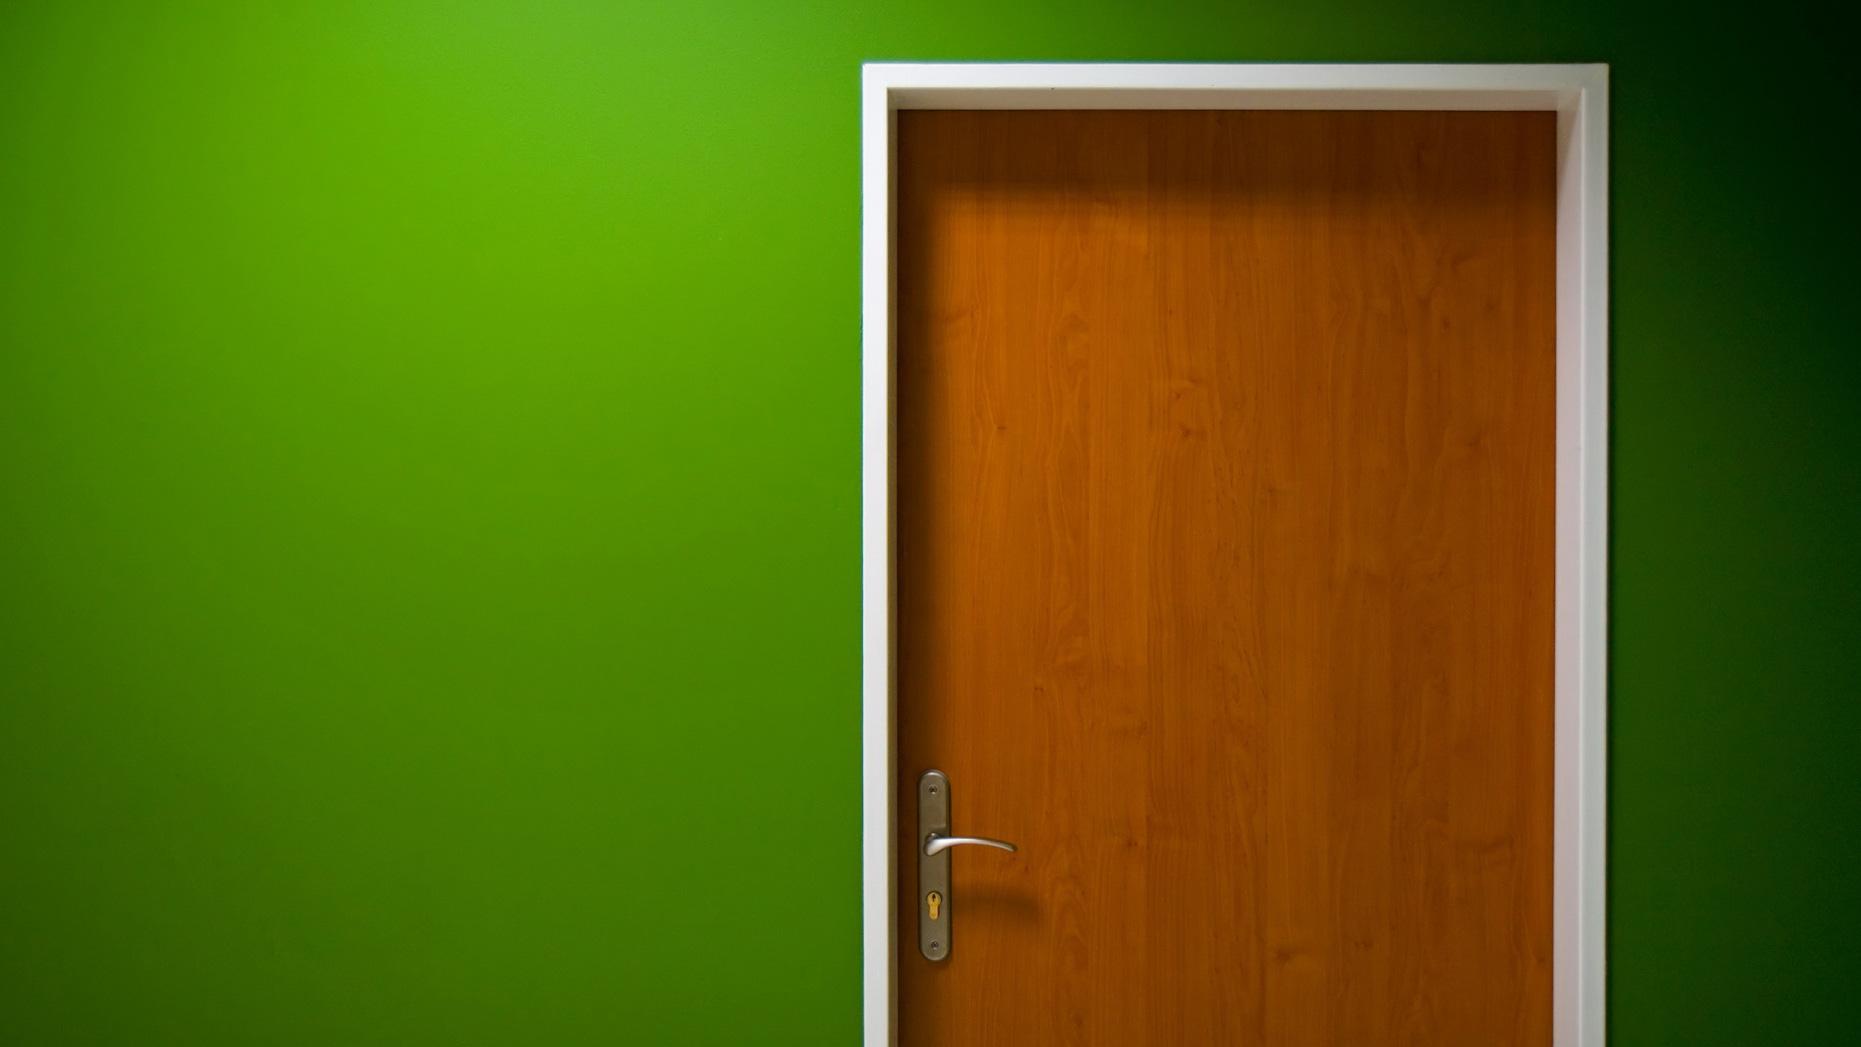 Green Door Google Cover